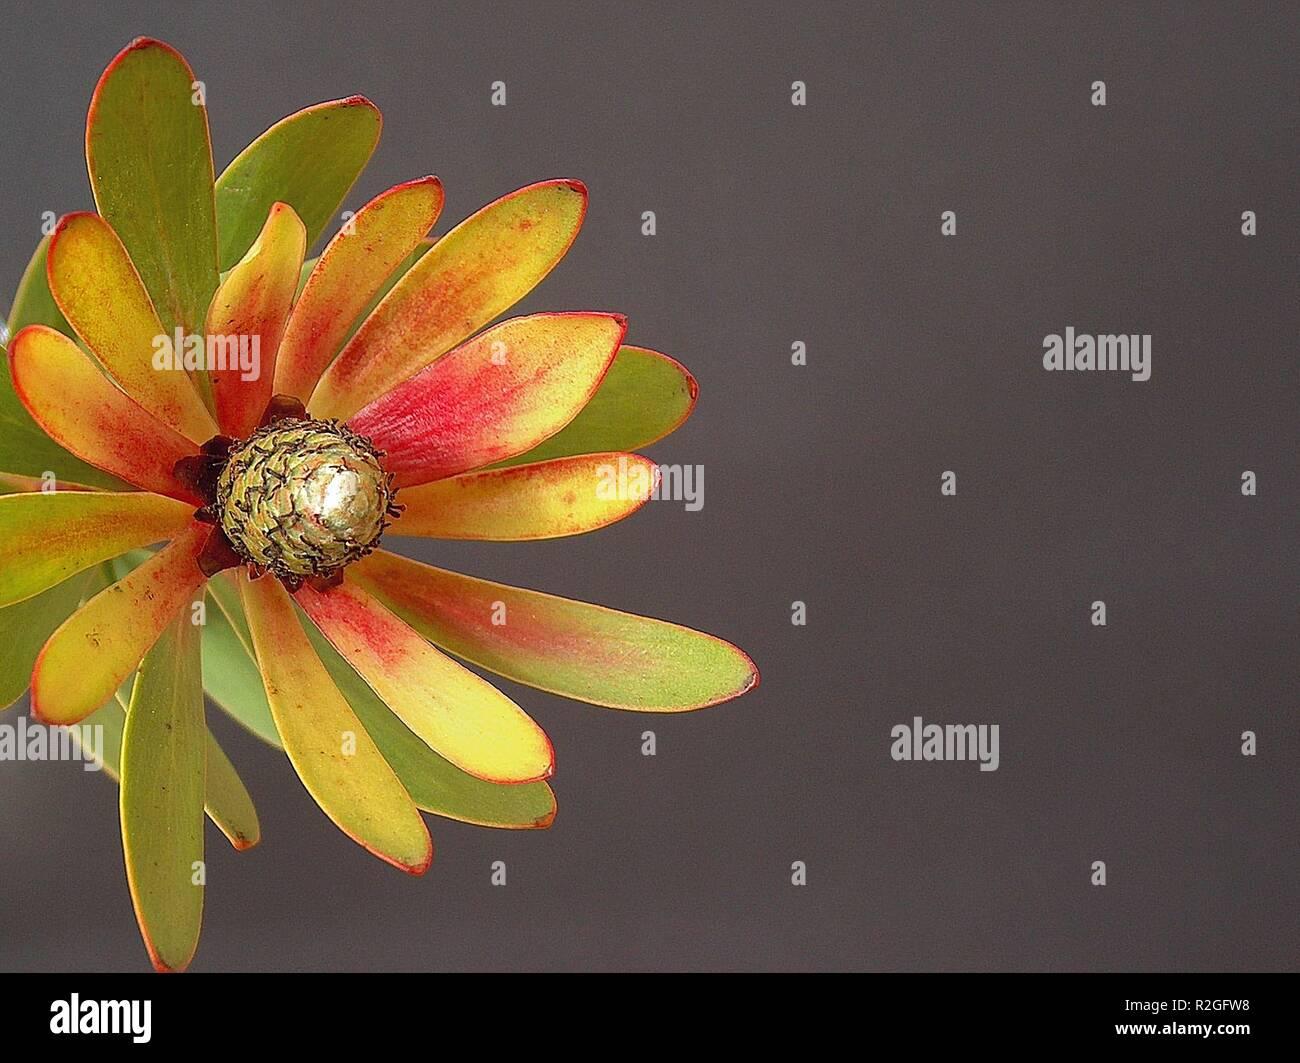 blossom - Stock Image